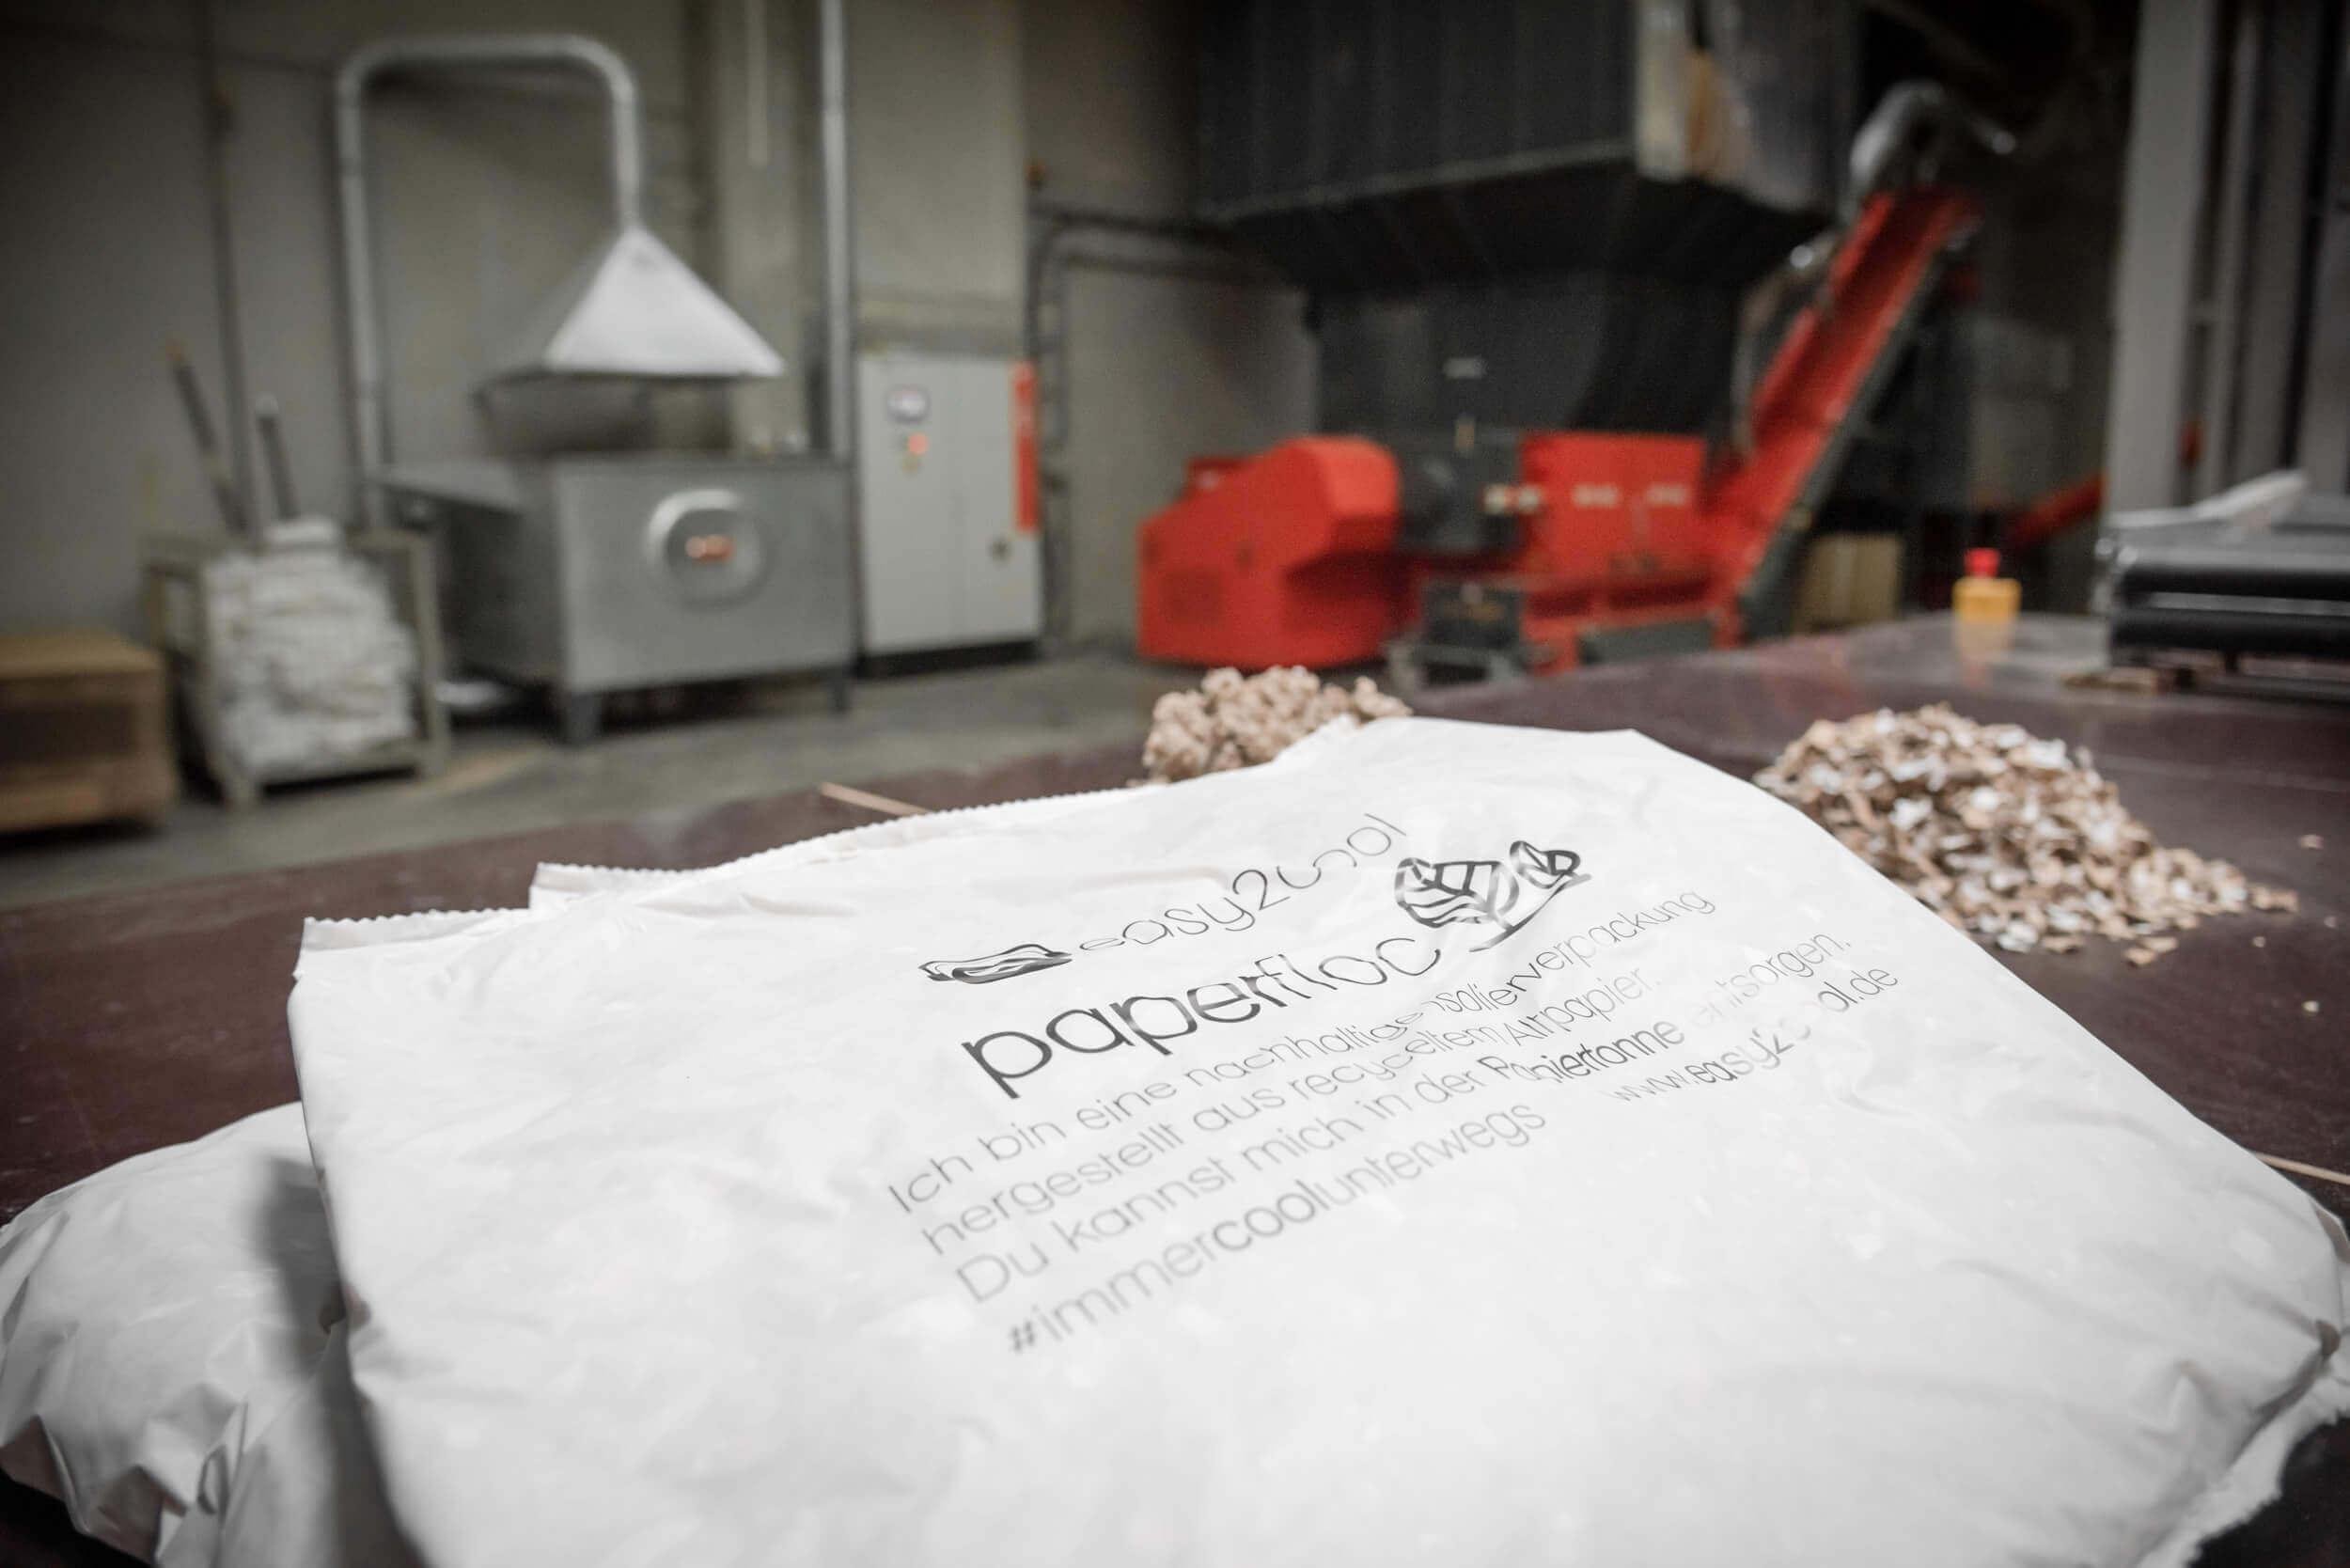 paperfloc Isolationsmatten vor geshreddertem Papier und Papieflocken vor dem WEIMA WLK 1500 Shredder